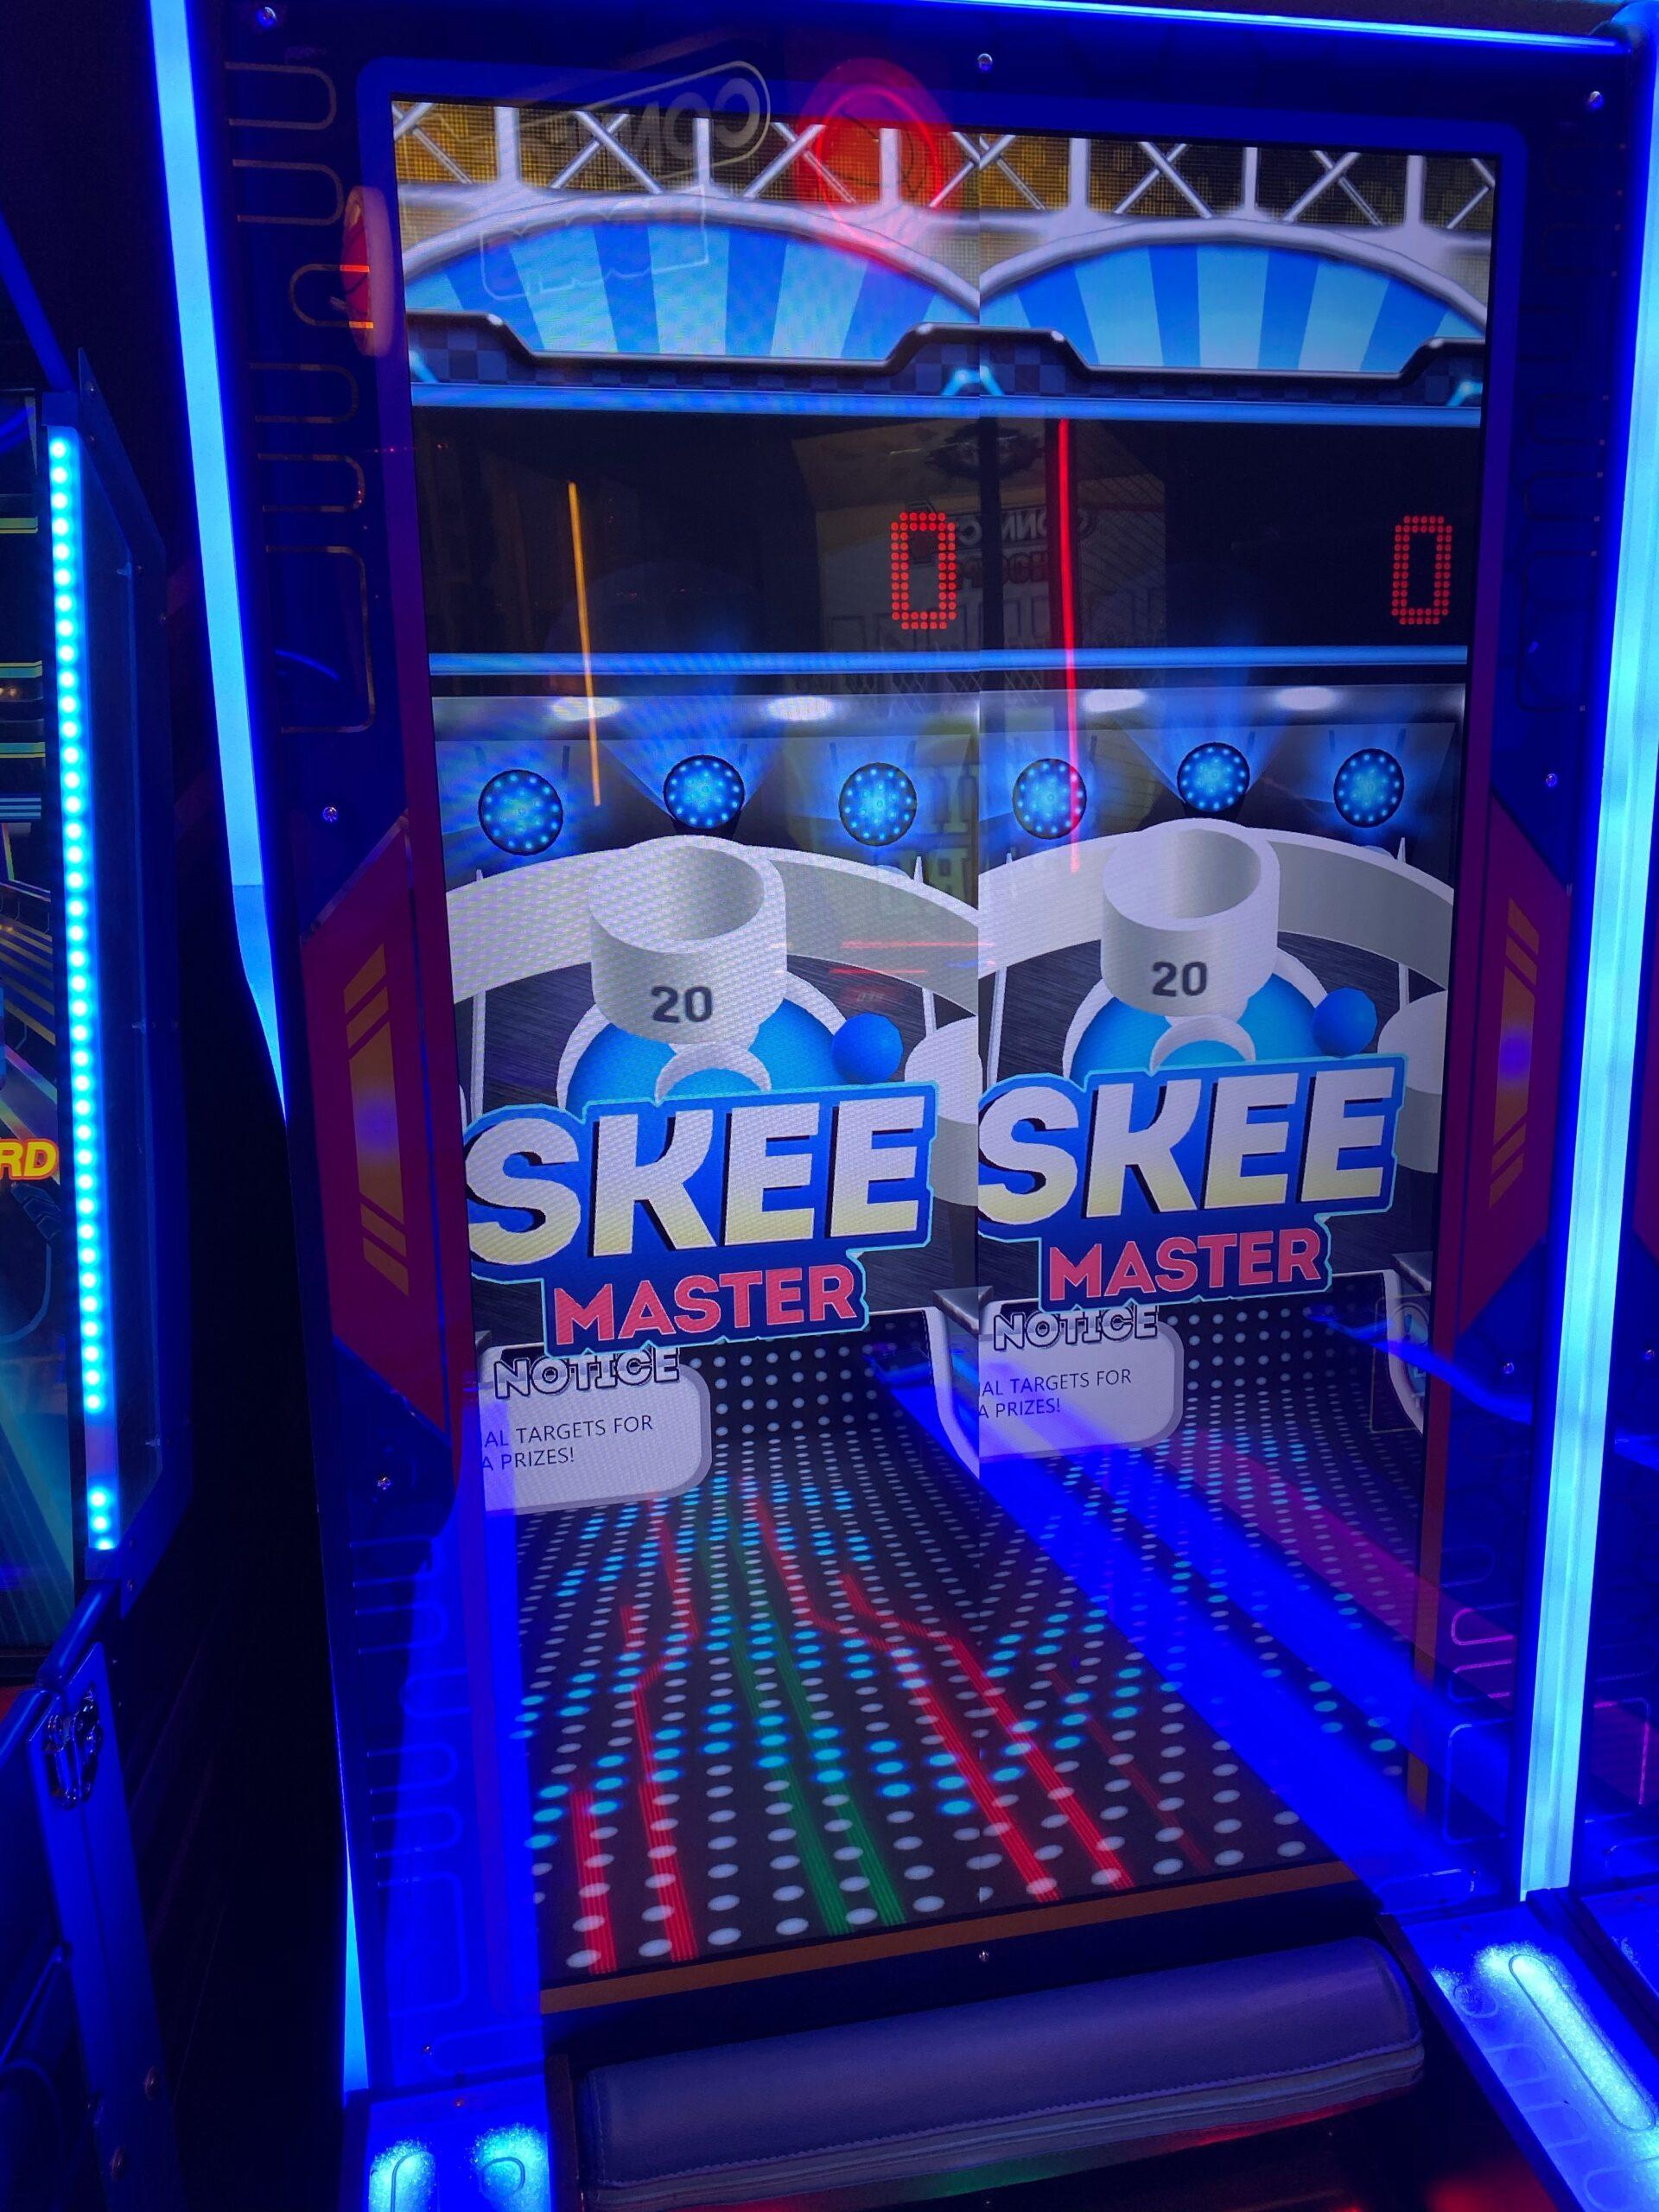 Skeemaster